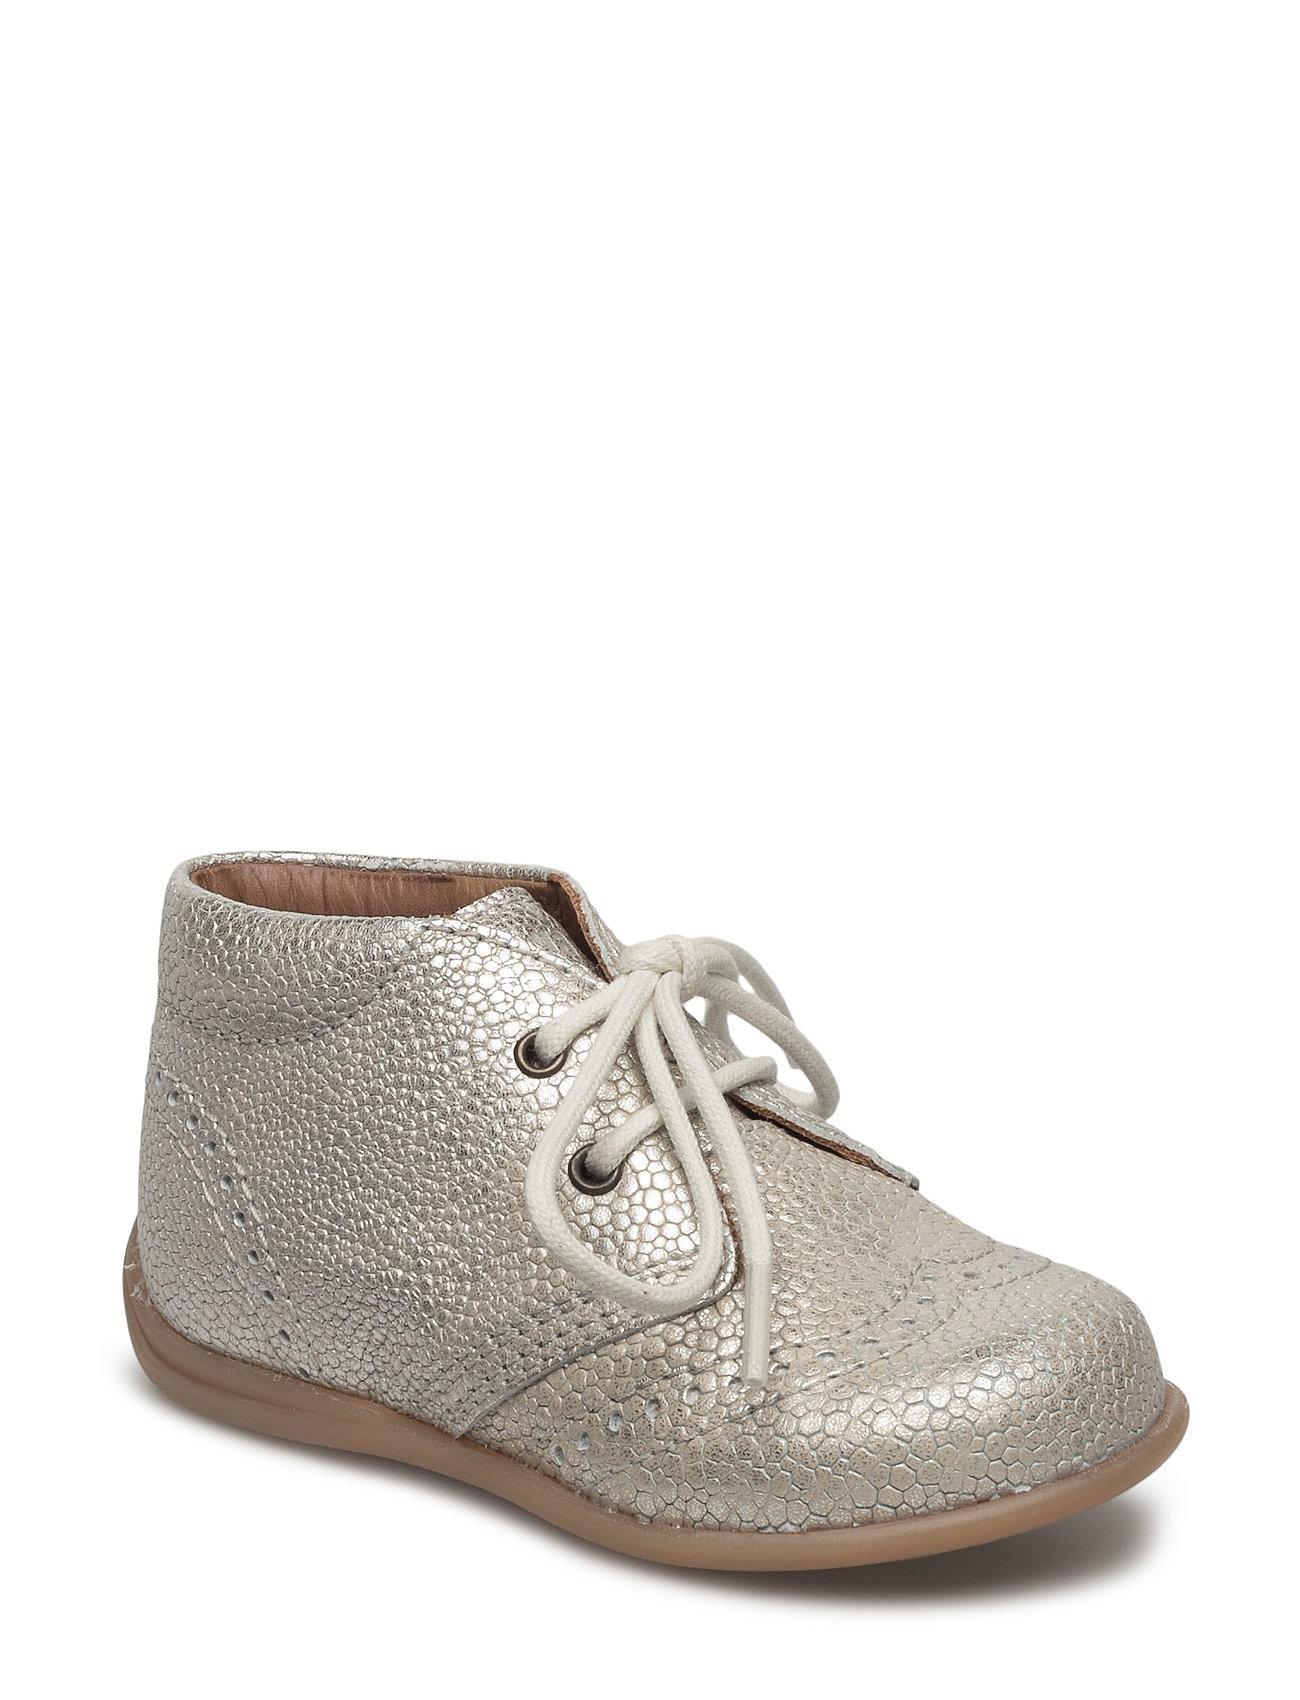 Prewalker Bisgaard Sko & Sneakers til Børn i Sølv